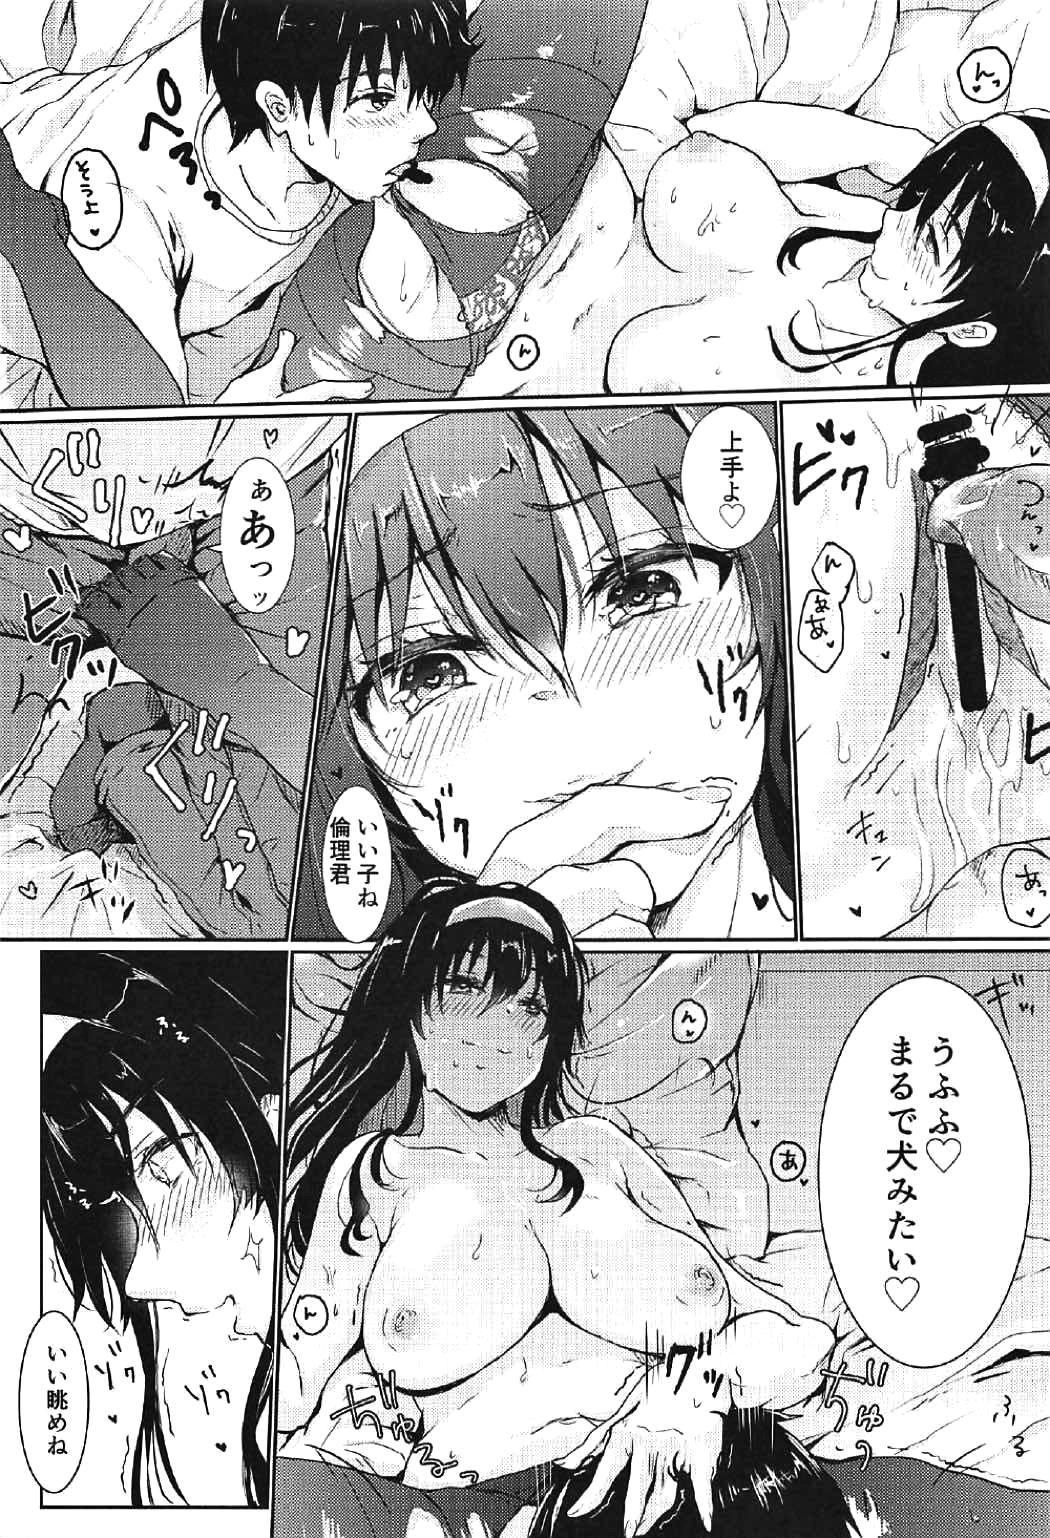 i-suru Ruby no Kojireta Furikata 23